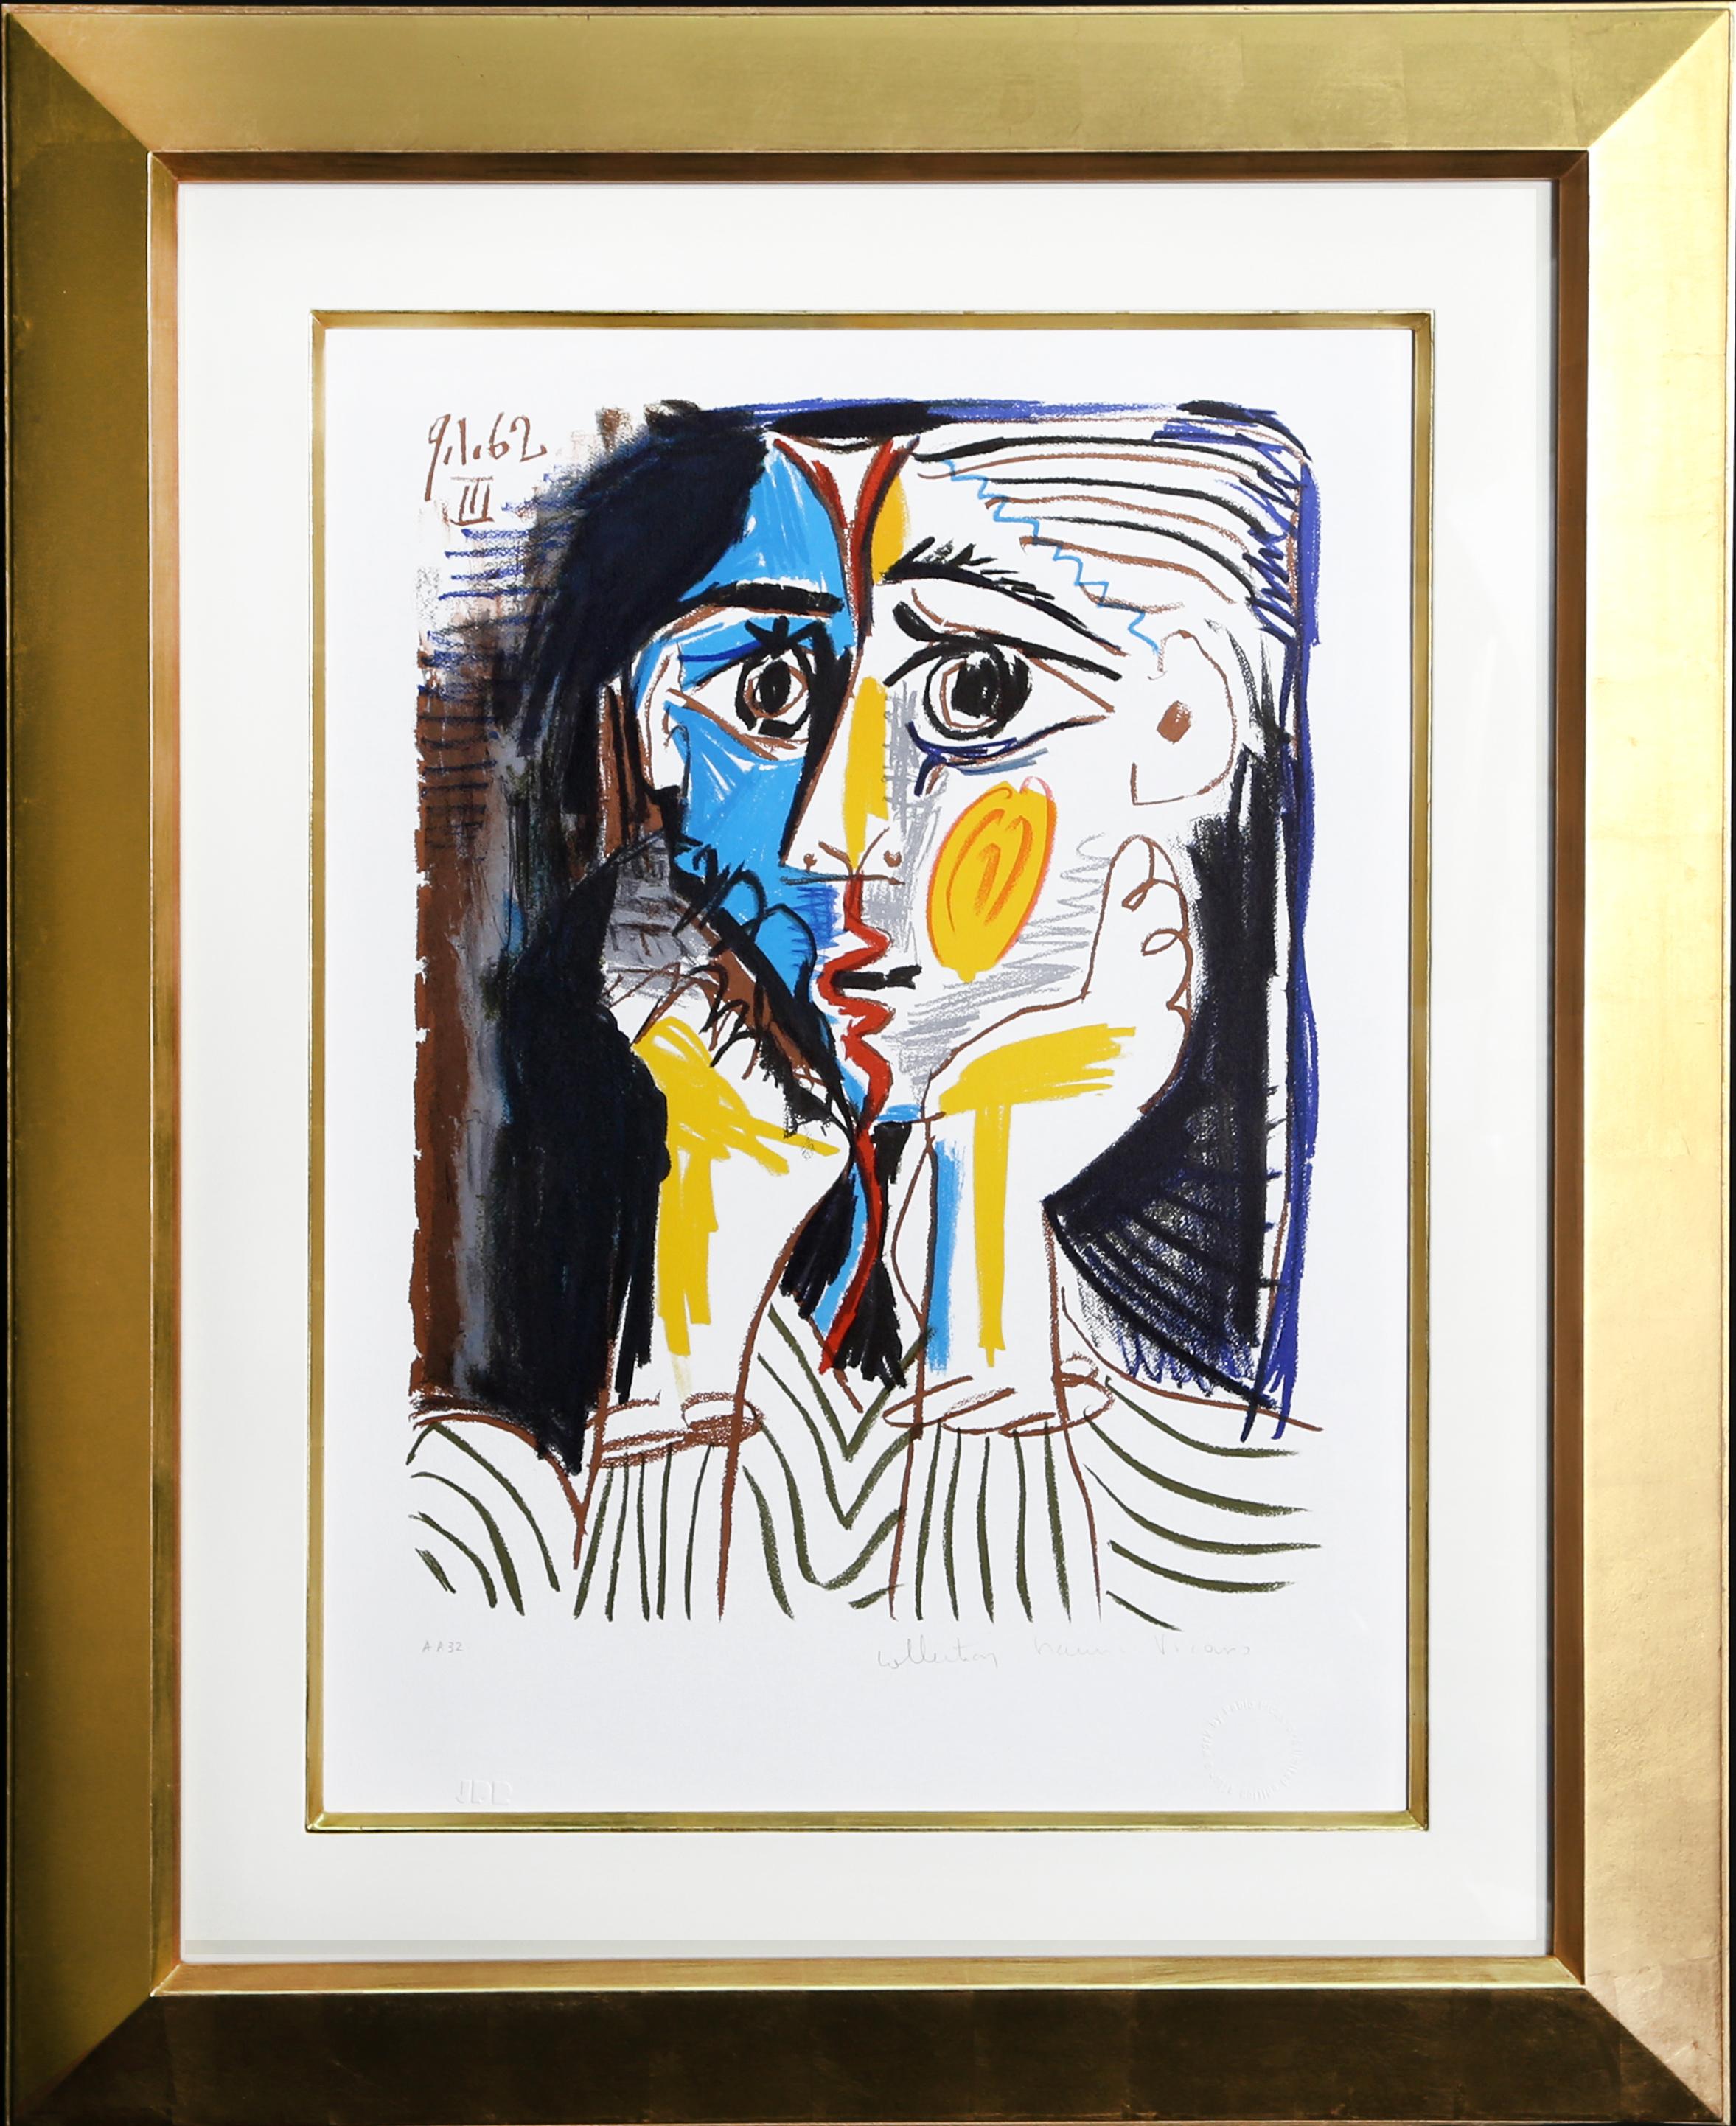 Pablo Picasso Lithograph - Visage